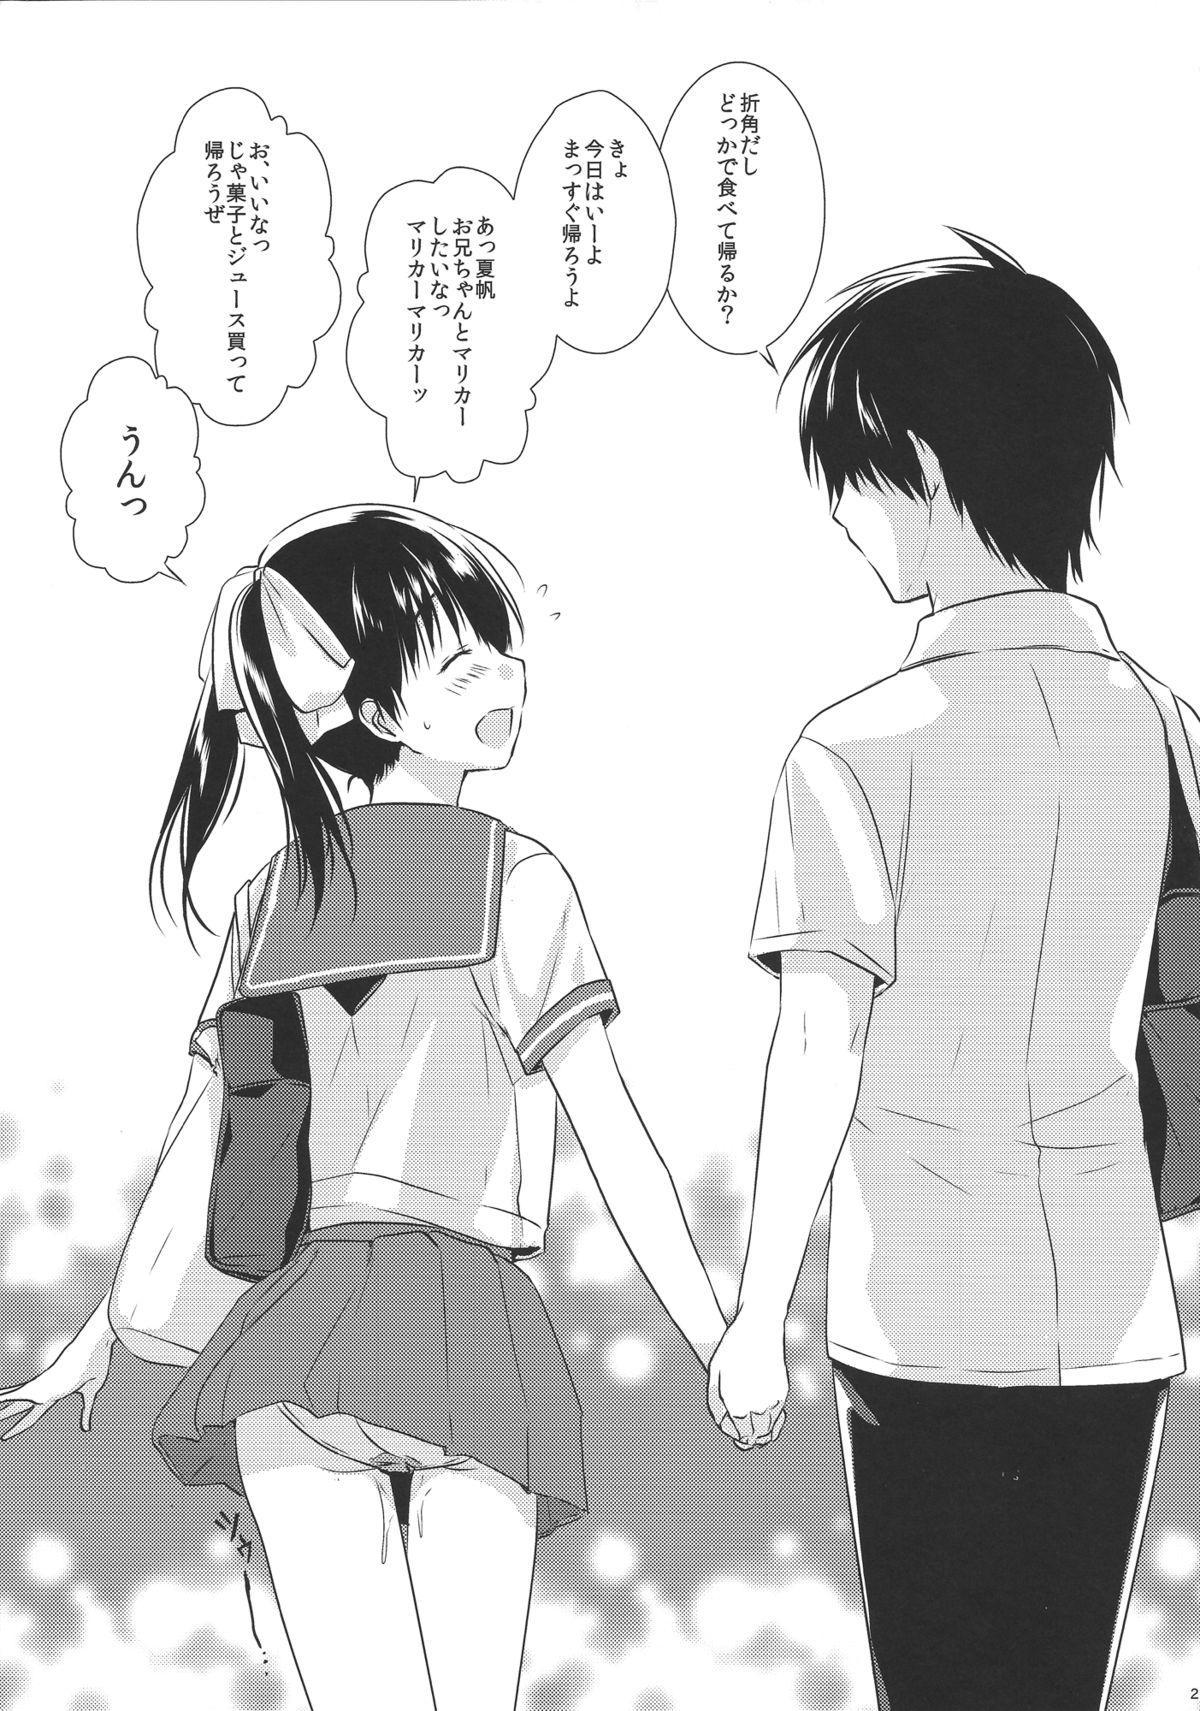 Oniichan no koto daisuki dakara sukumizu de nousatsu shite mo iiyo nee 19